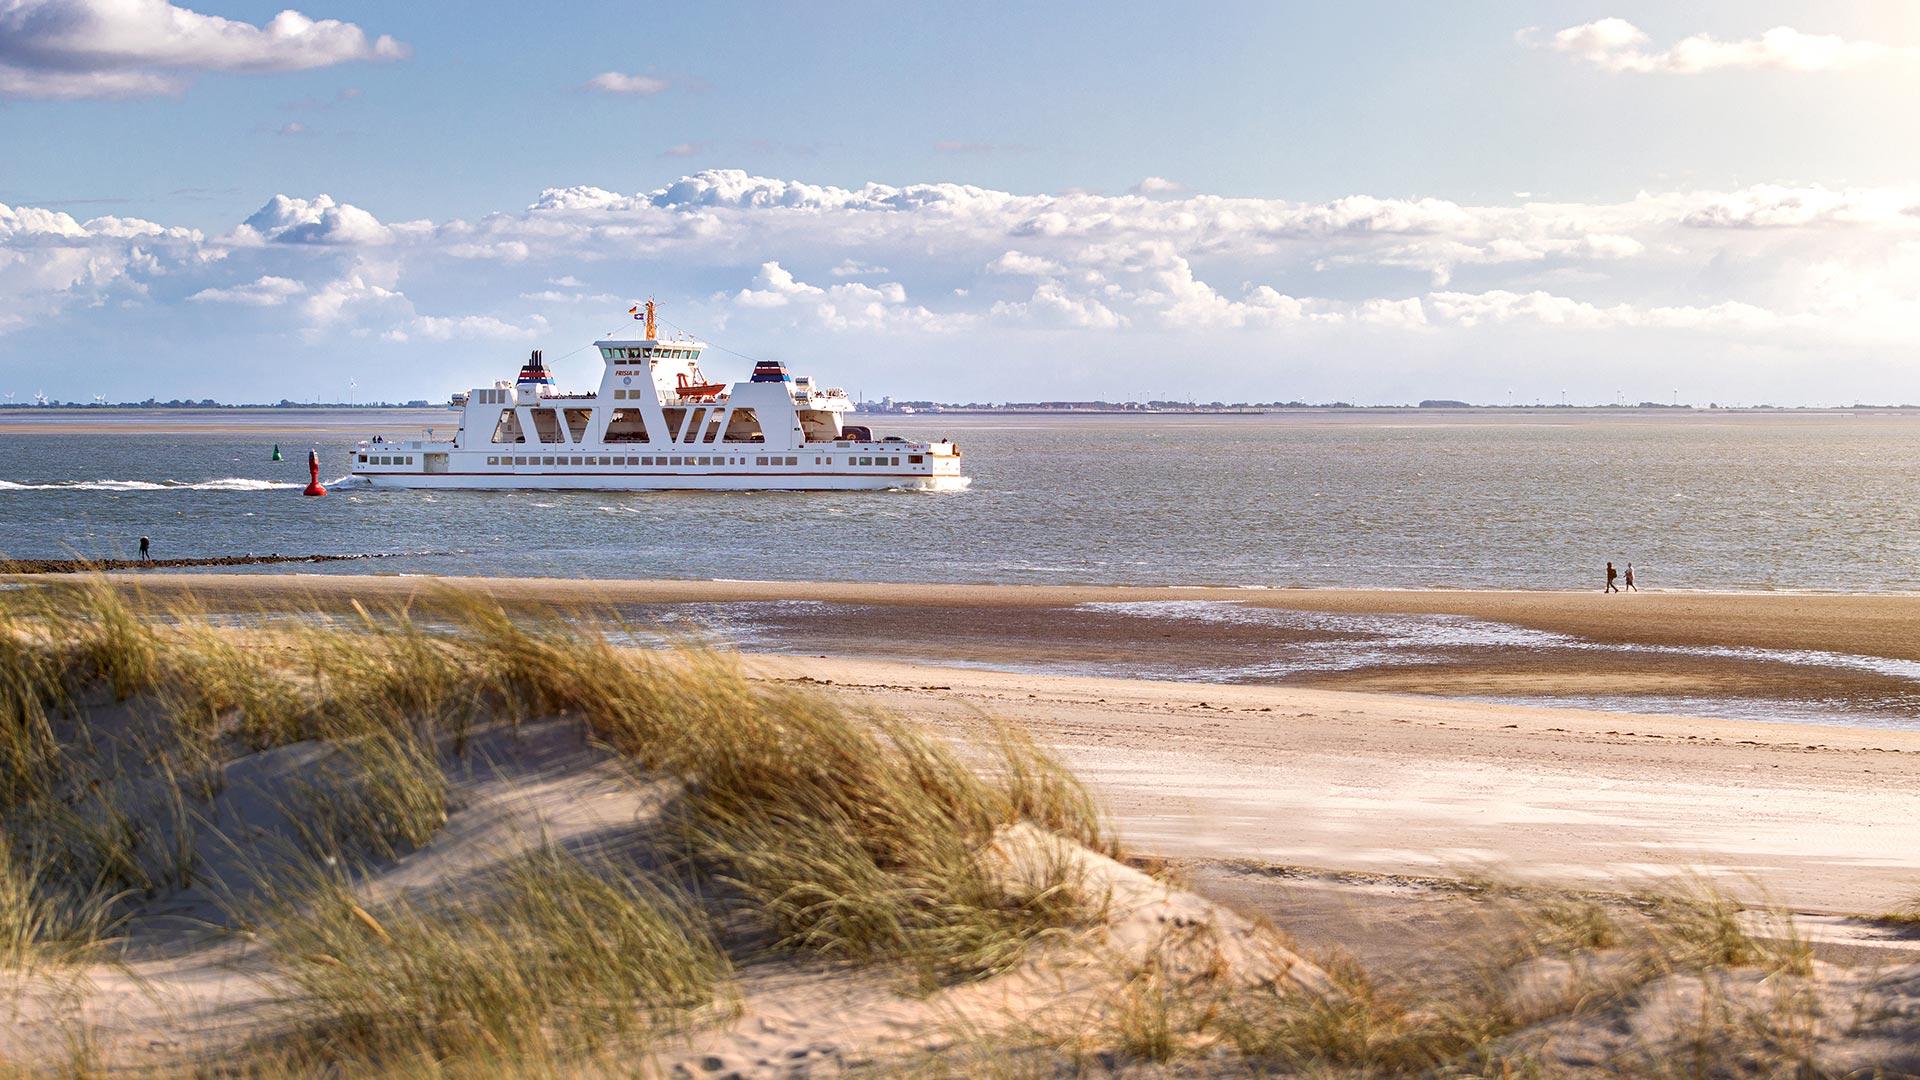 3 20200929_be9cffb375116c12045c835fcc6e3d96.jpg – AG Reederei Norden-Frisia